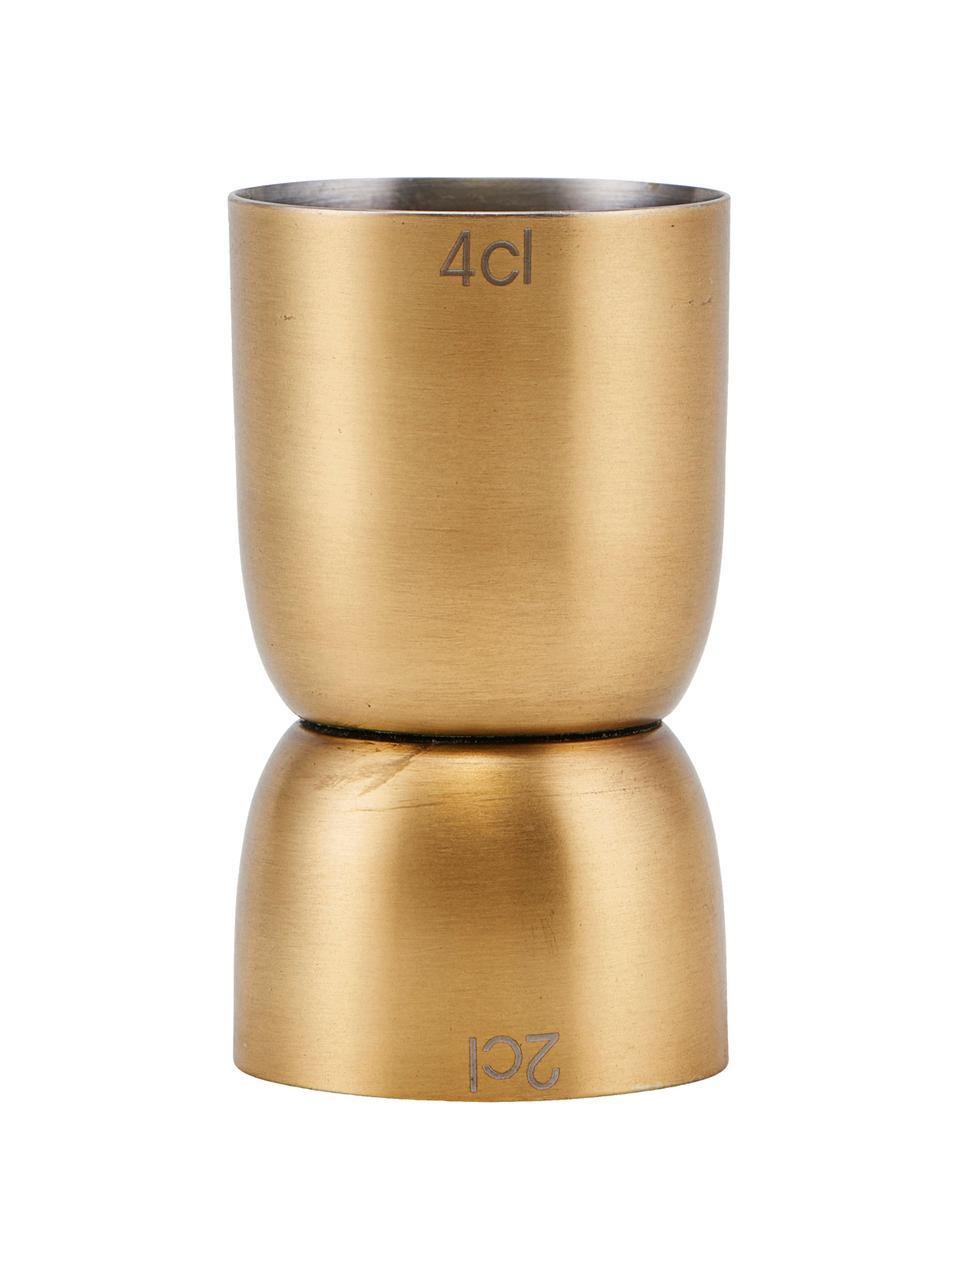 Messbecher Alir in Gold, Edelstahl, beschichtet, Messingfarben, Ø 4 x H 7 cm